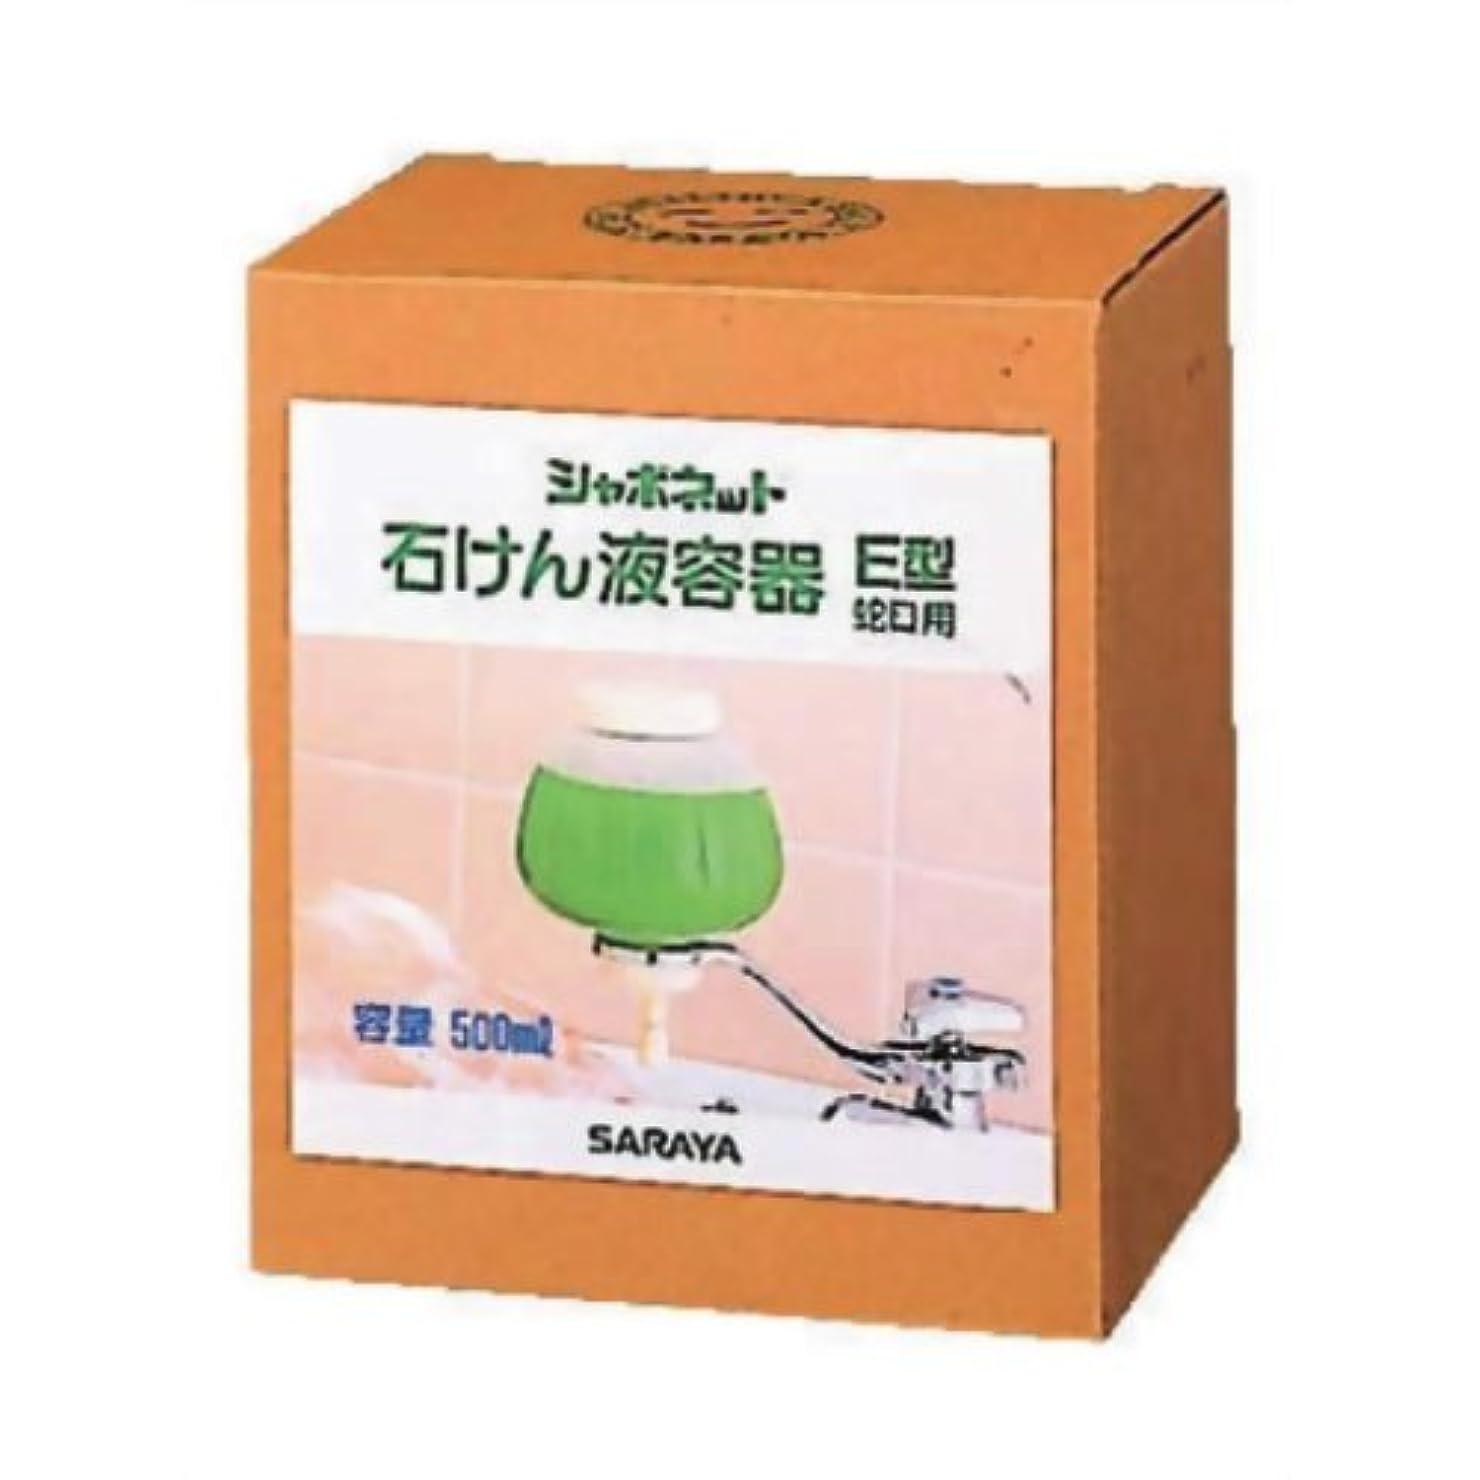 予測する感じるサイクロプスシャボネット 石鹸液容器 E型蛇口用 500ml